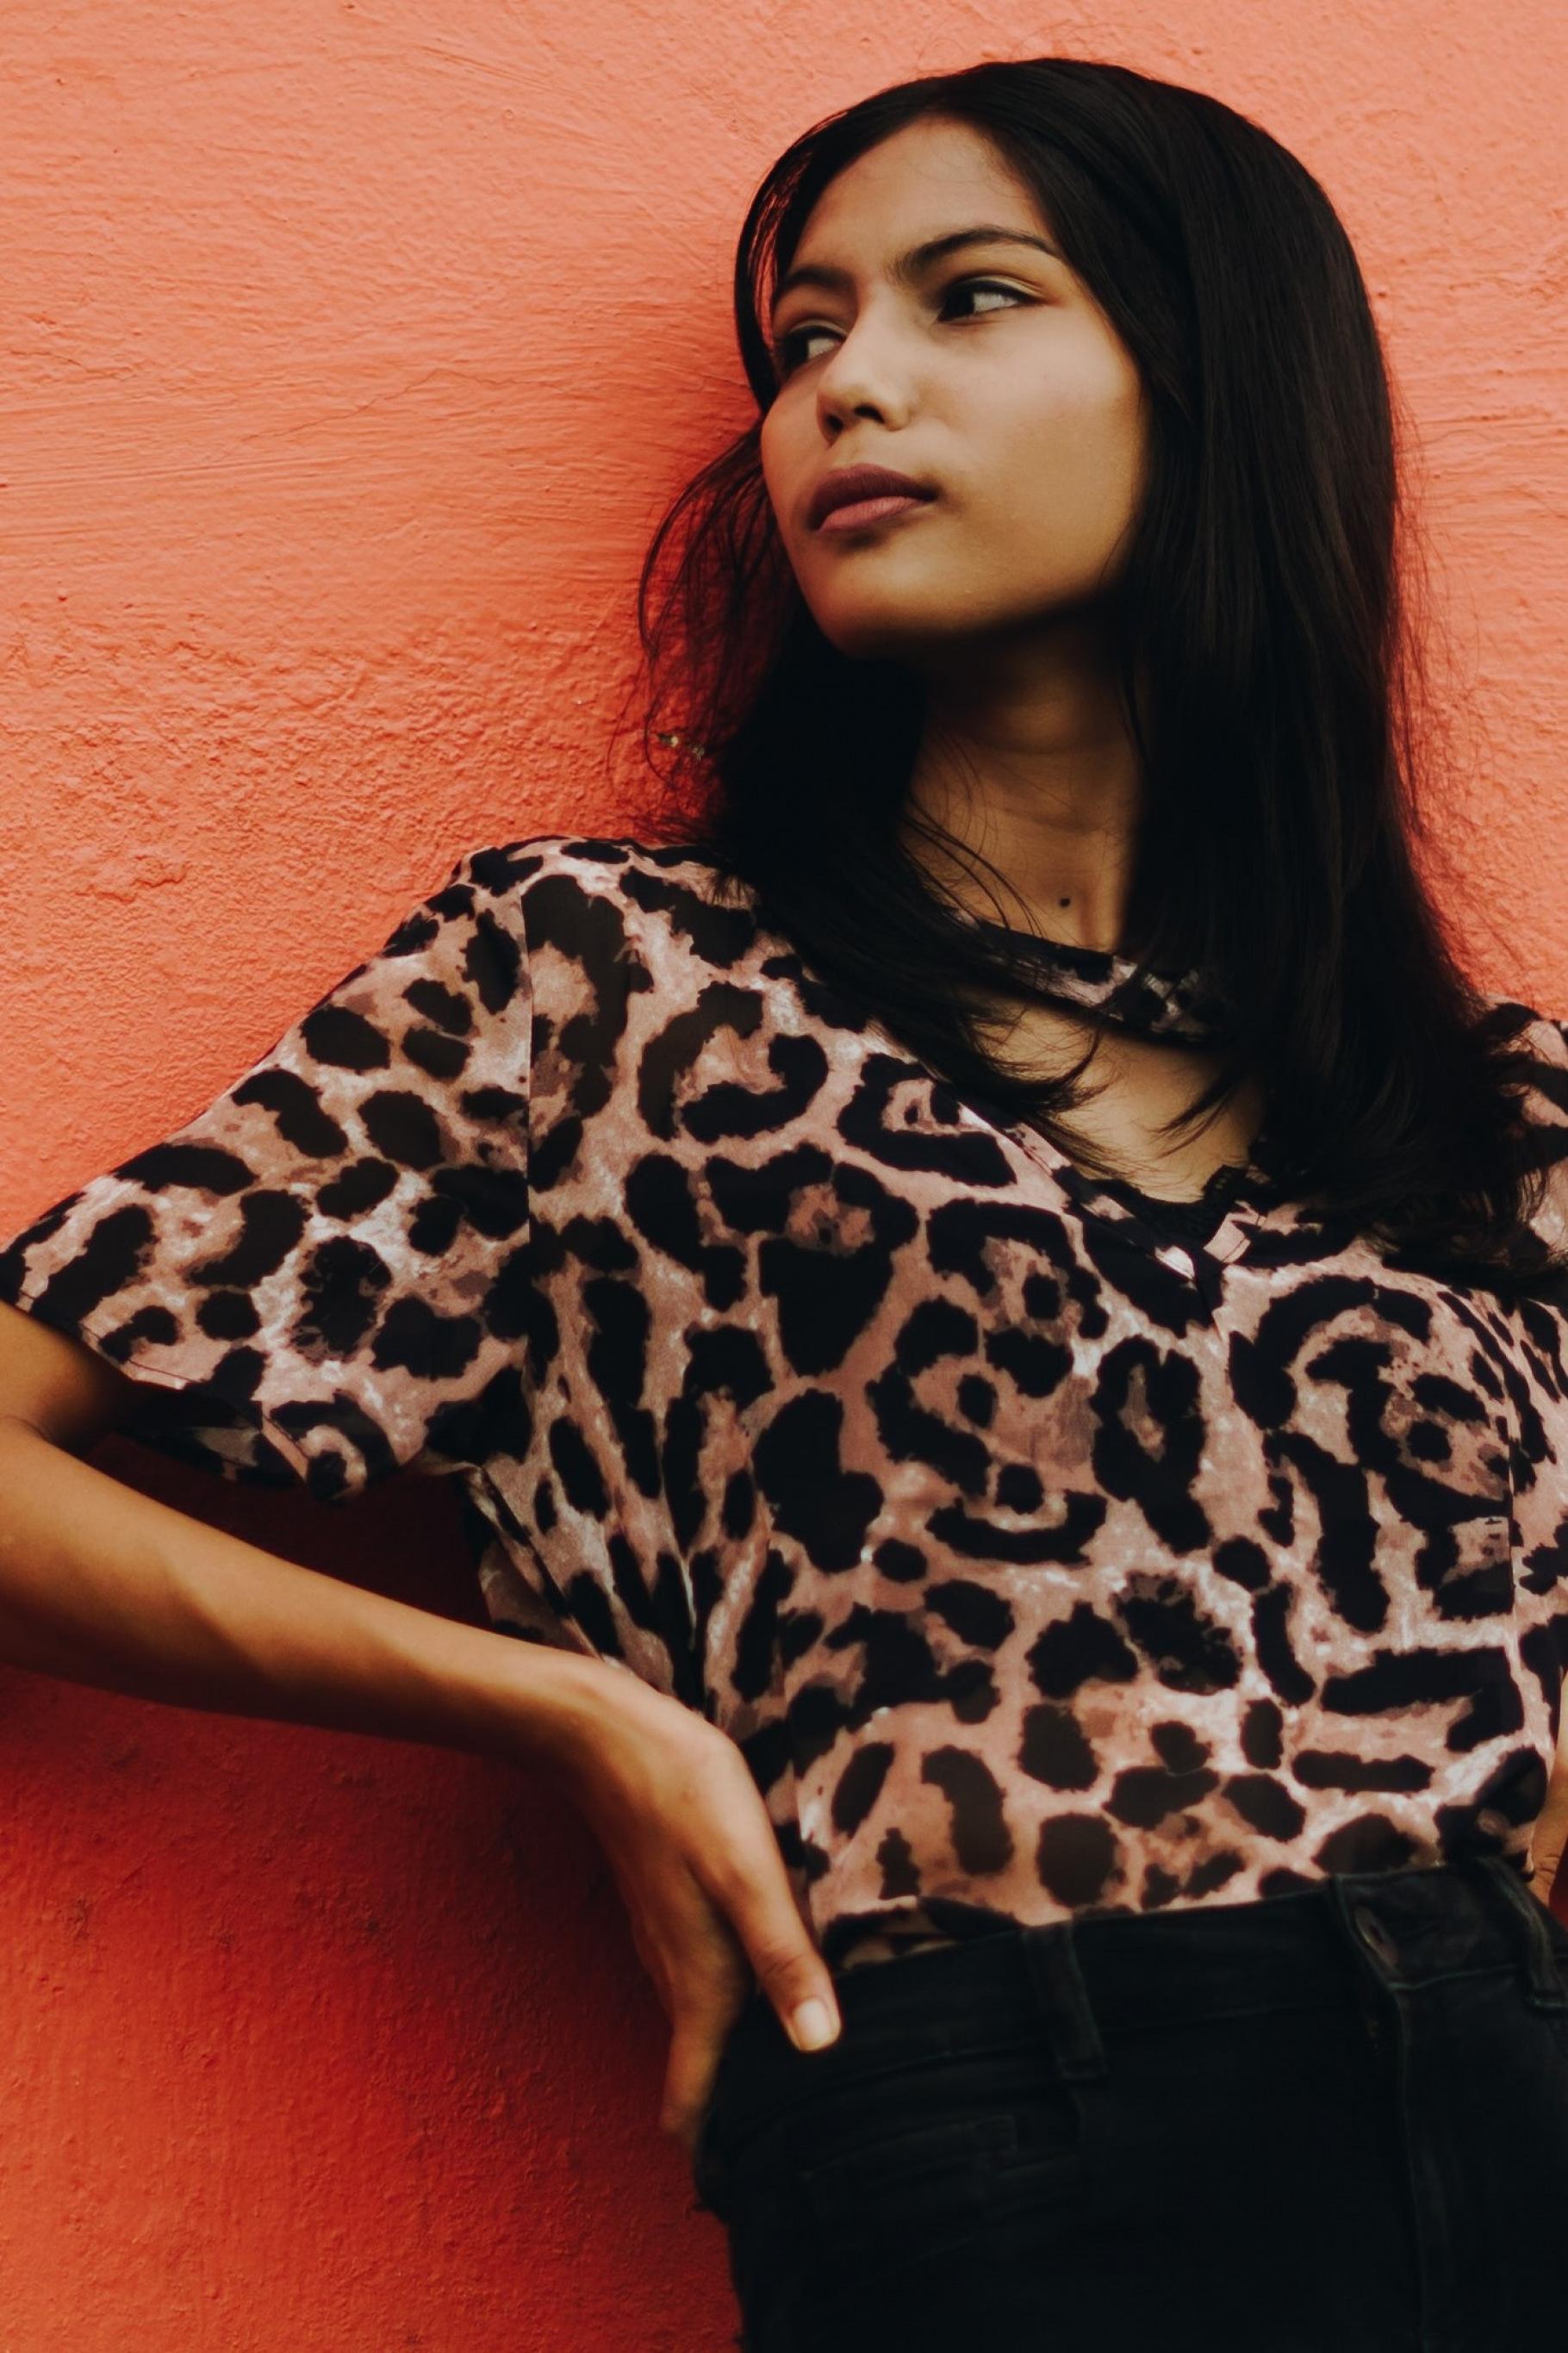 Leoparden-Print war im Trend in den 2000er Jahren